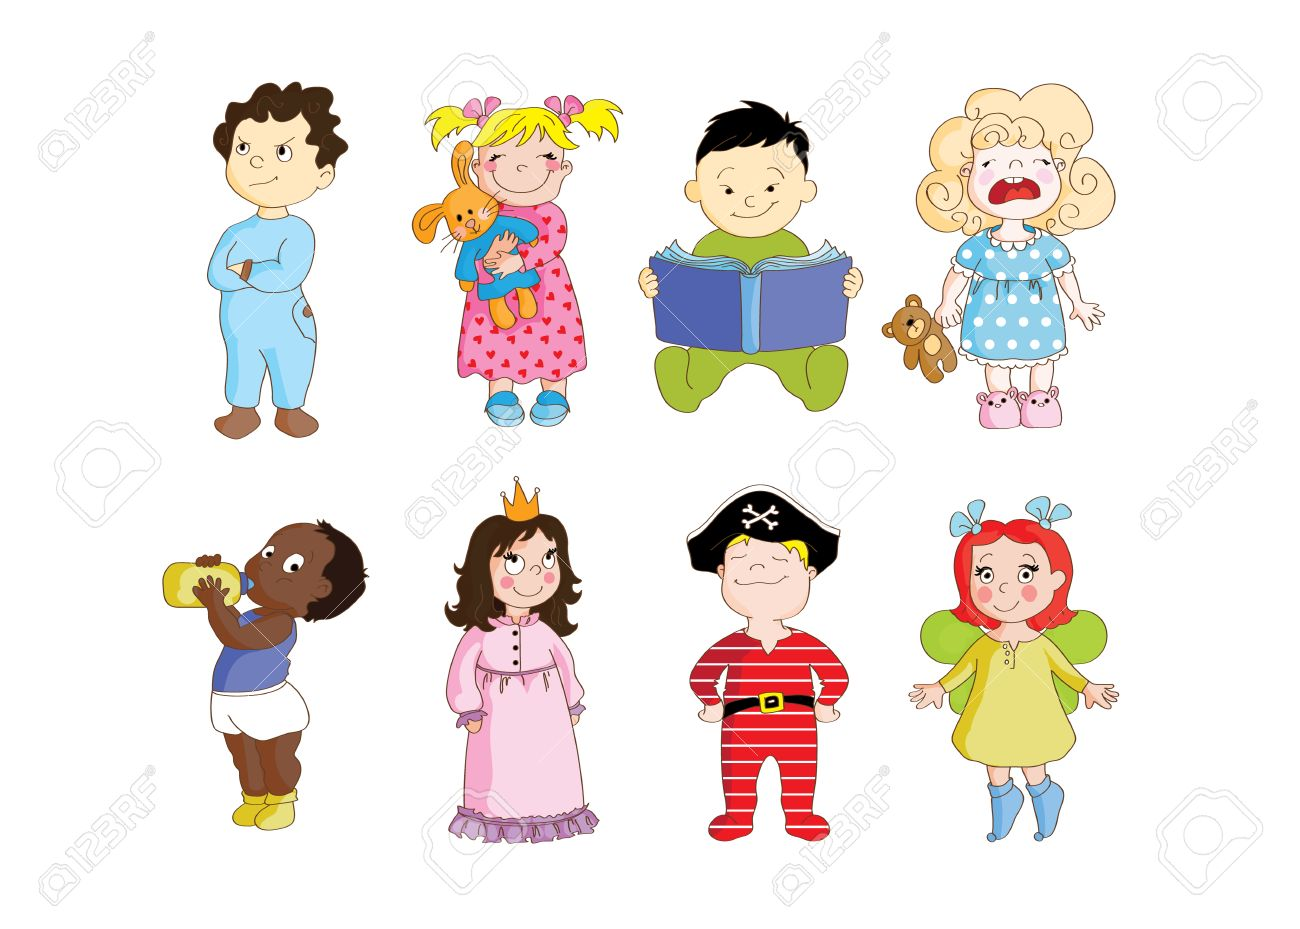 カラフルなクリップ アート セット幼児のパジャマを着て、寝る準備し